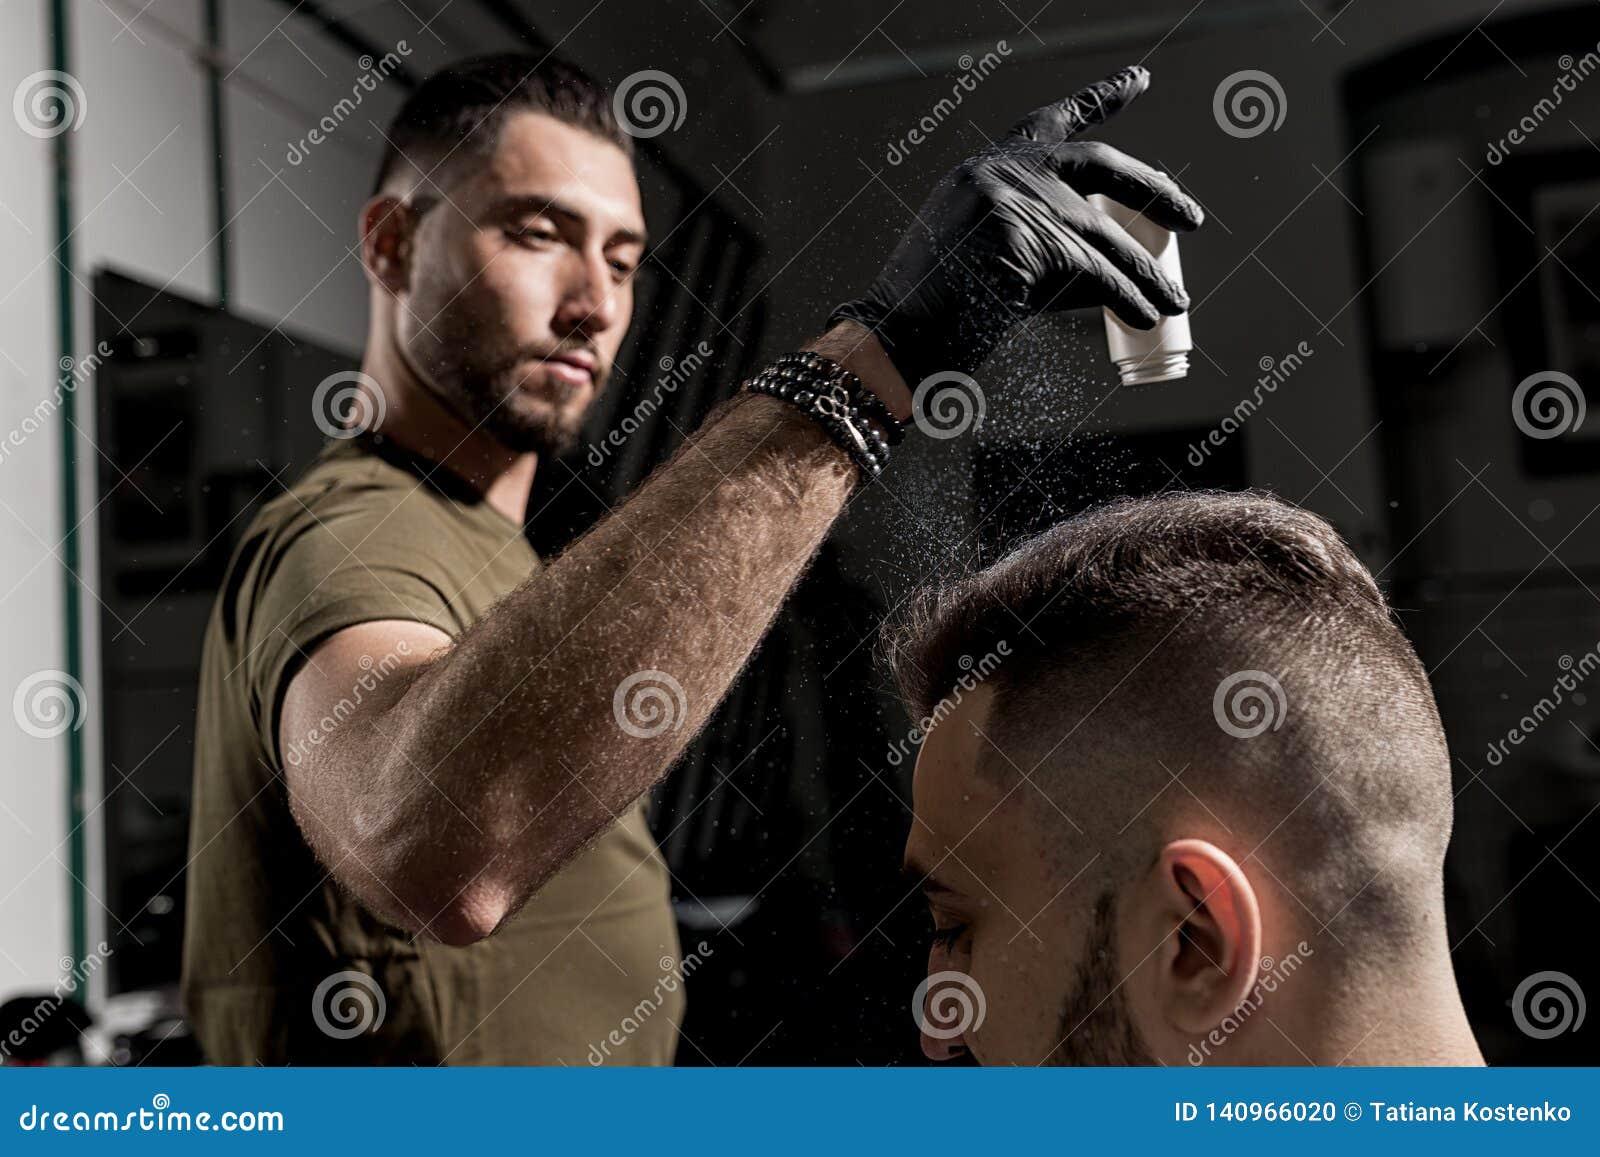 Ο όμορφος κουρέας καθορίζει τον προσδιορισμό του βάναυσου νέου γενειοφόρου ατόμου με ένα ξηρό styler σε ένα barbershop